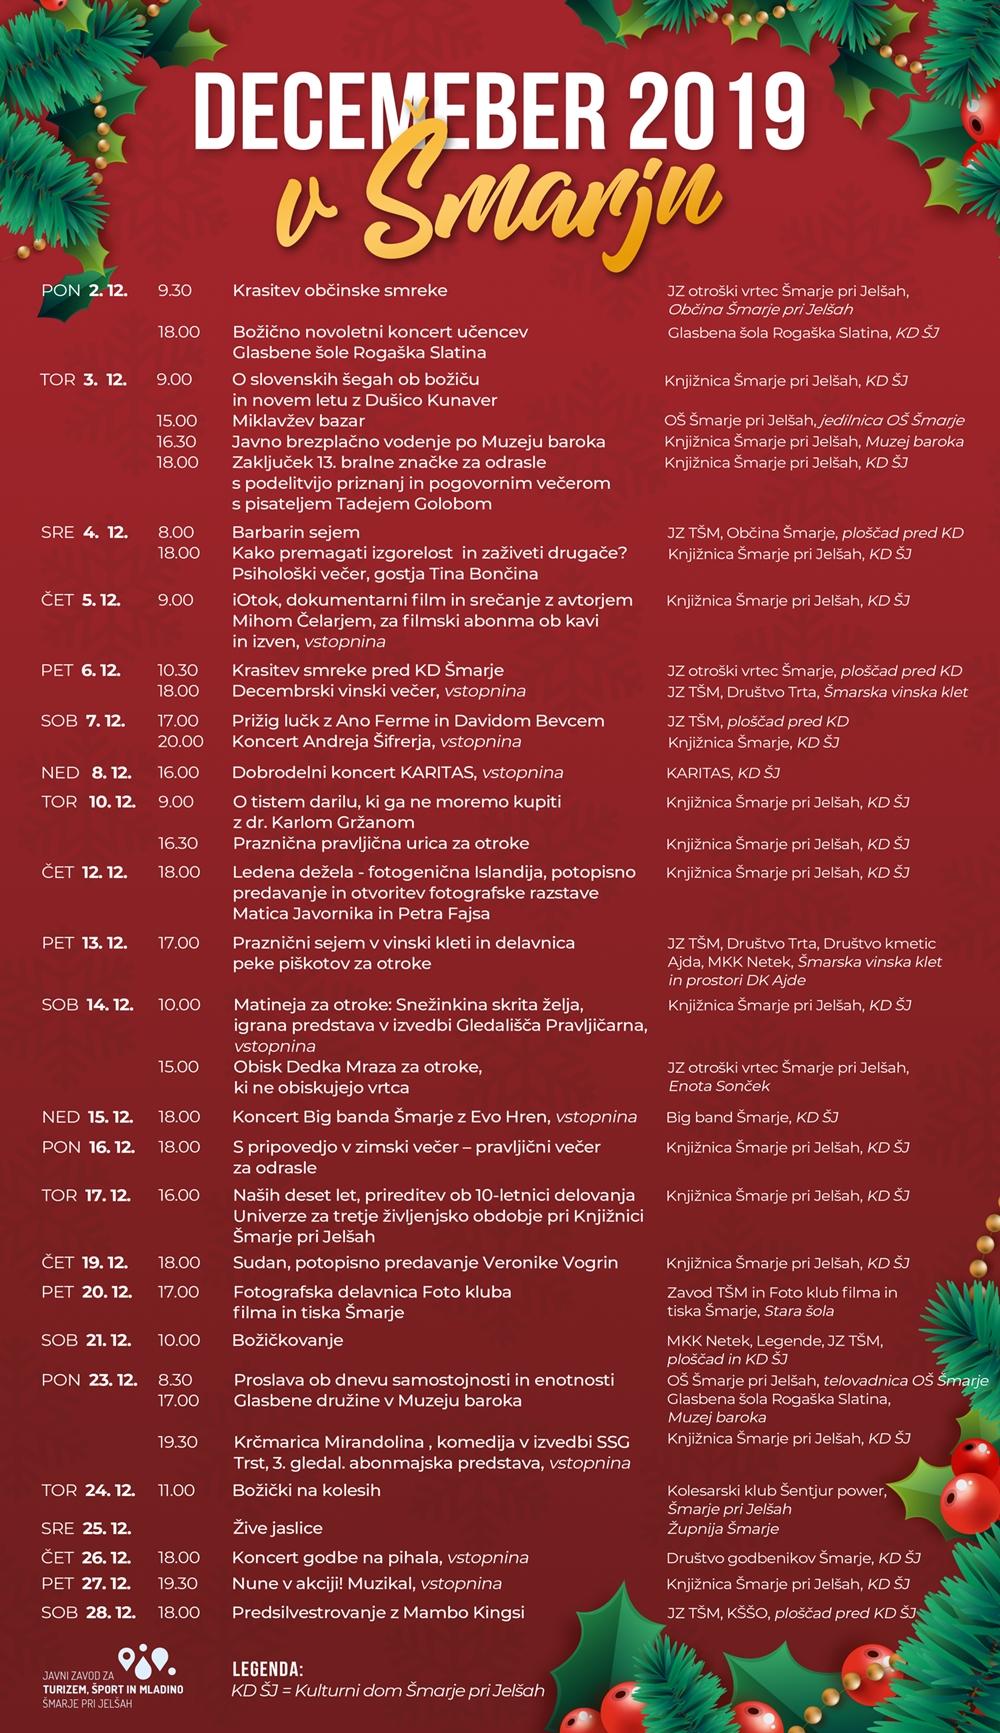 koledar-prireditev-december-2019